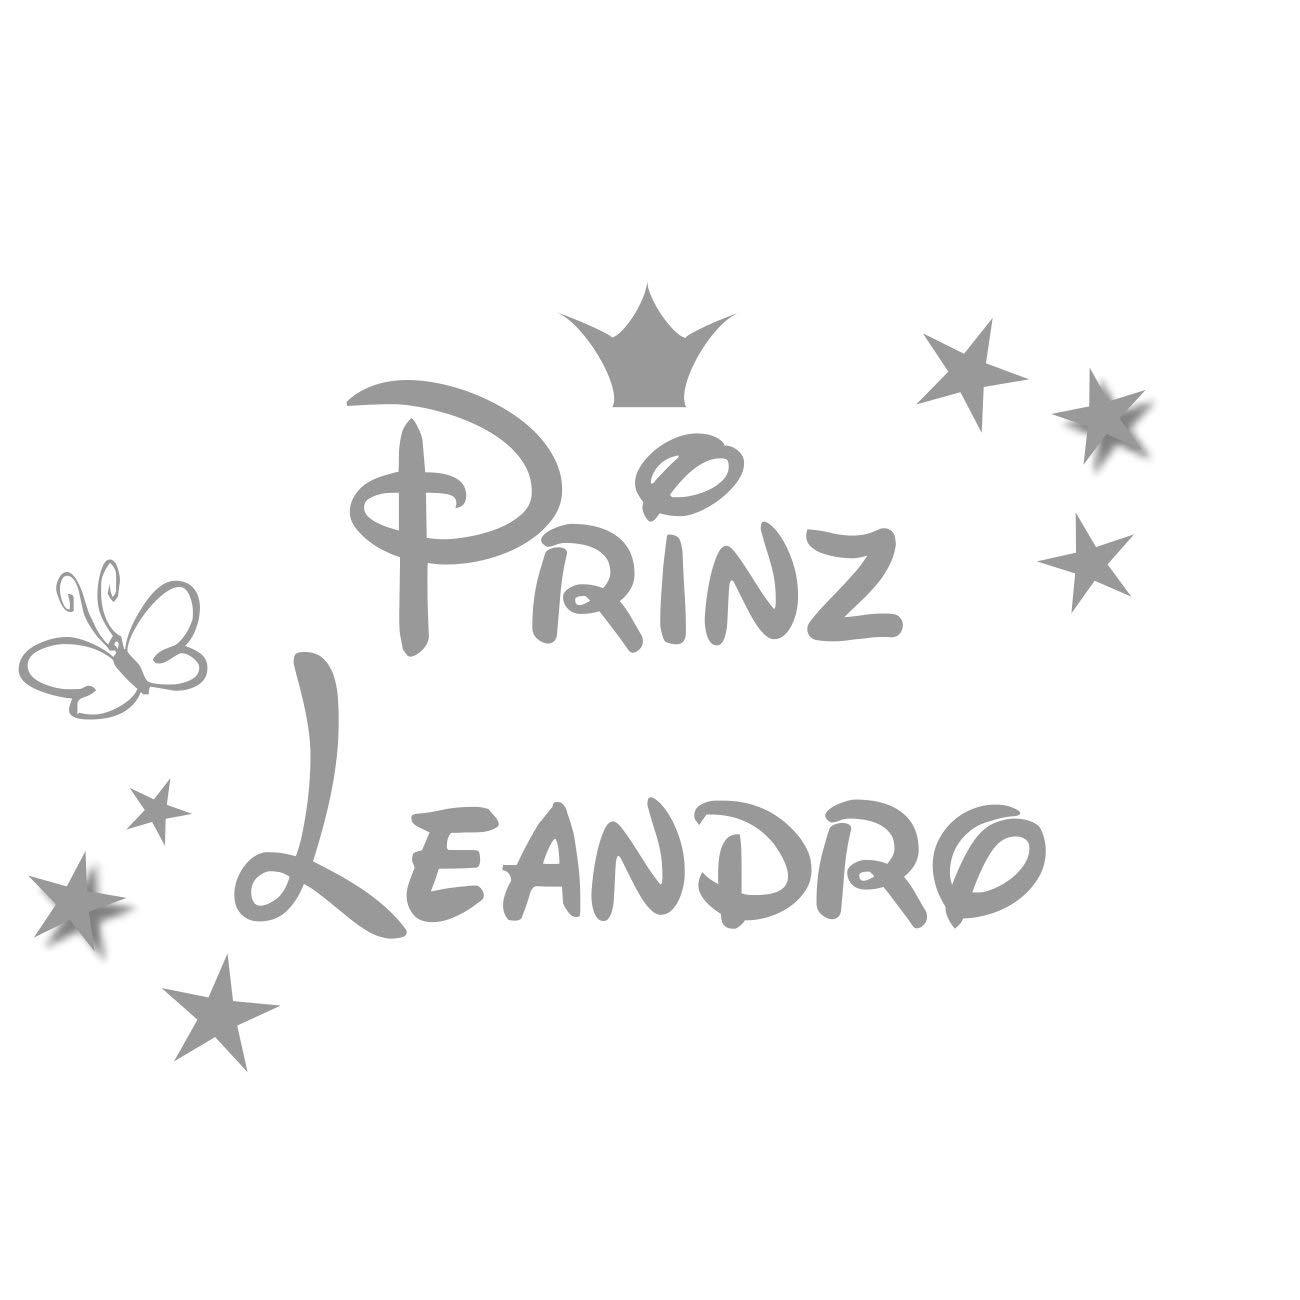 mit Namen Wandtattoo T/ürschild Kinderzimmer Prinz Blau Krone